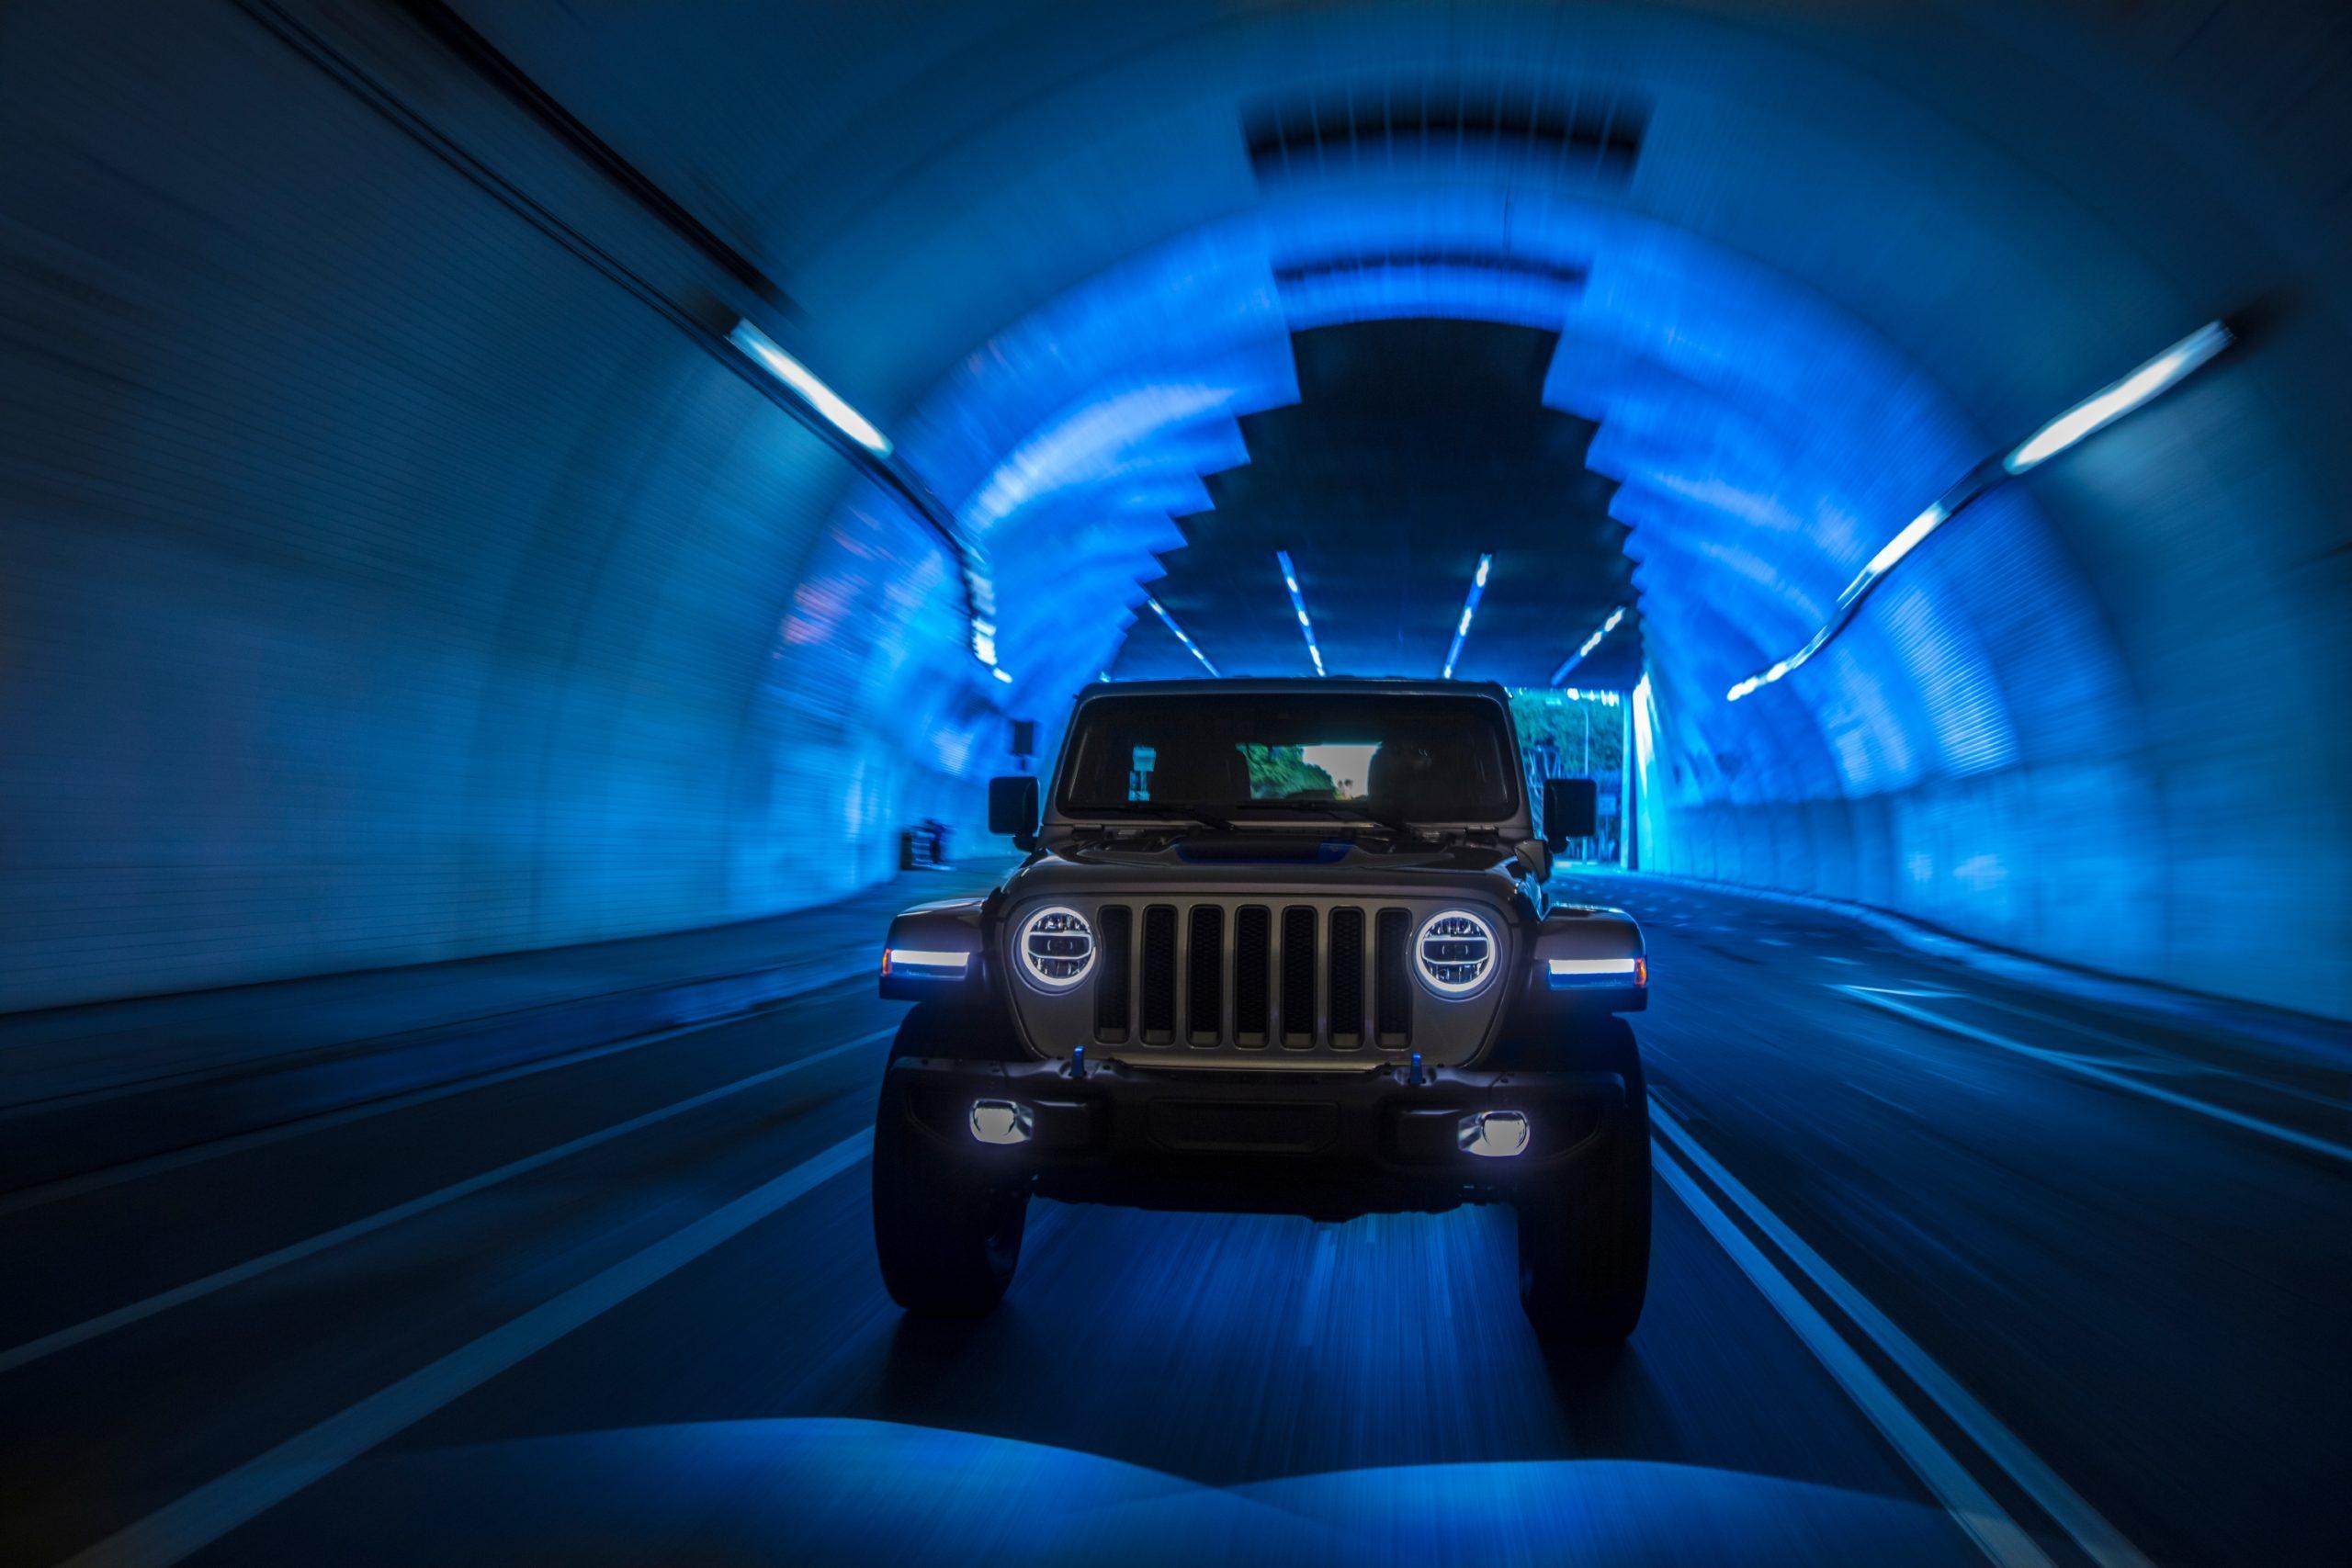 Novo Jeep Wrangler 4xe Se Junta Ao Renegade E Compass 4xe Na Linha Global De Veiculos Eletricos Da Marca Cidademarketing